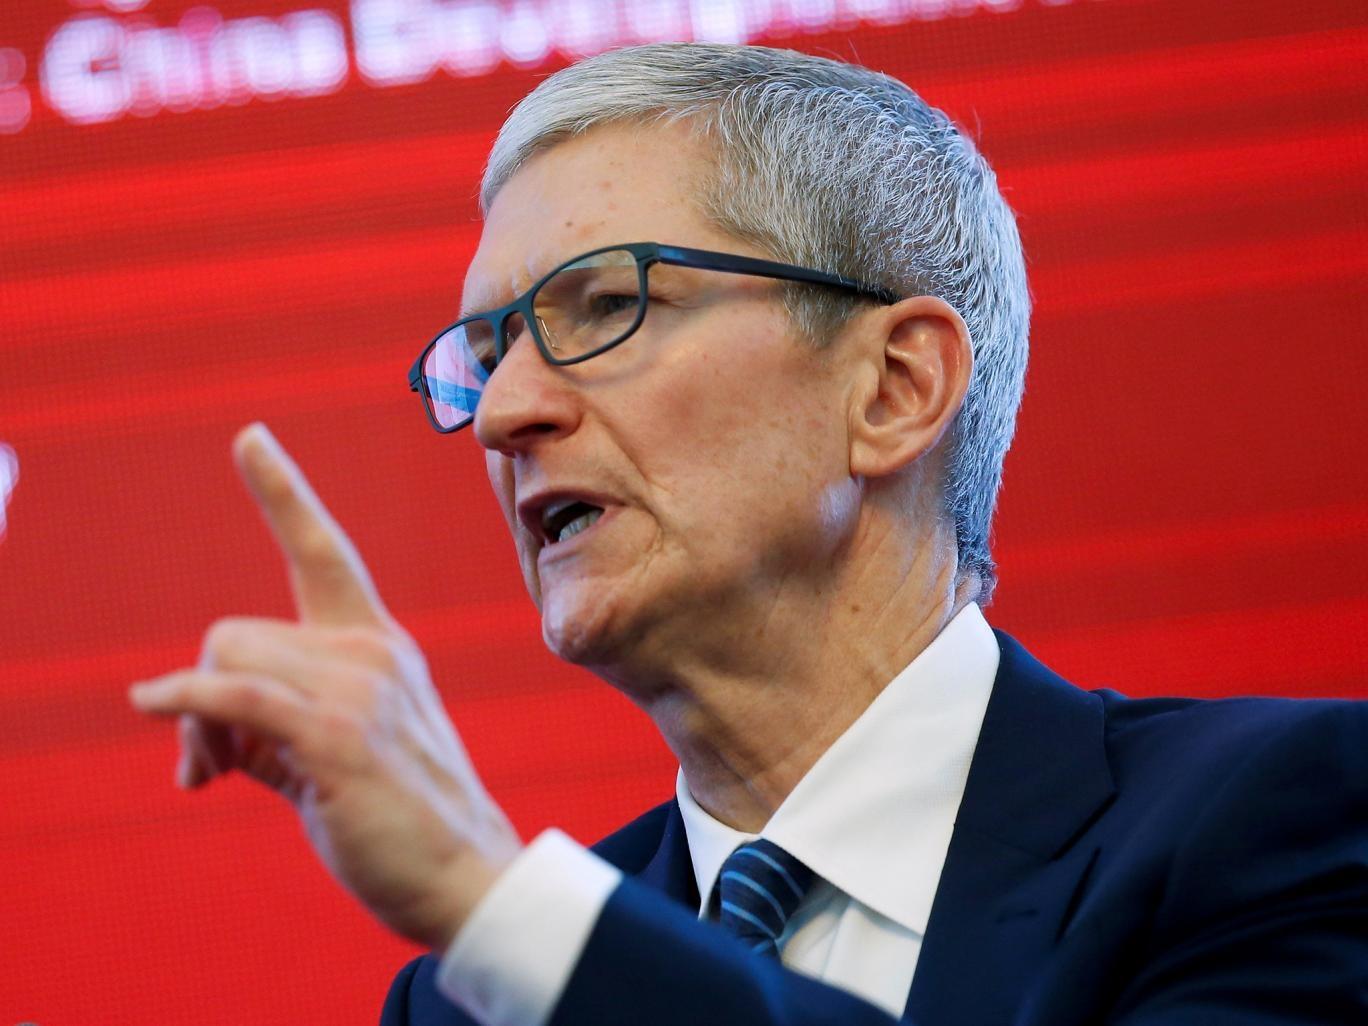 سیلی محکمی که مدیران ارشد آیتی آمریکا به گوش ترامپ زدند/ شمشیر مدیر اپل علیه نژادپرستان